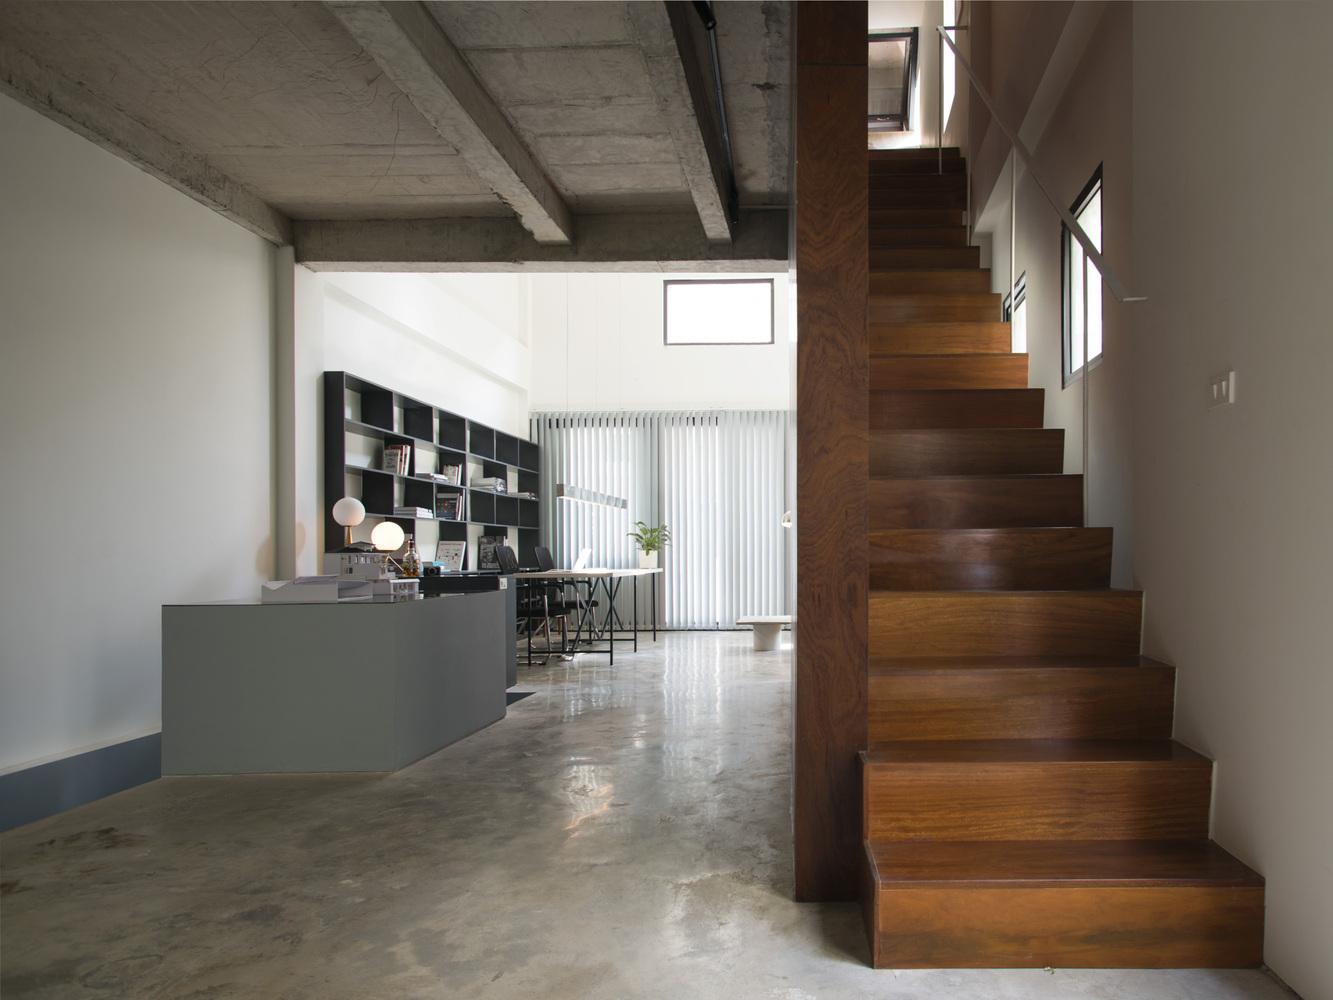 Văn phòng làm việc tại nhà được thiết kế theo phong cách công nghiệp